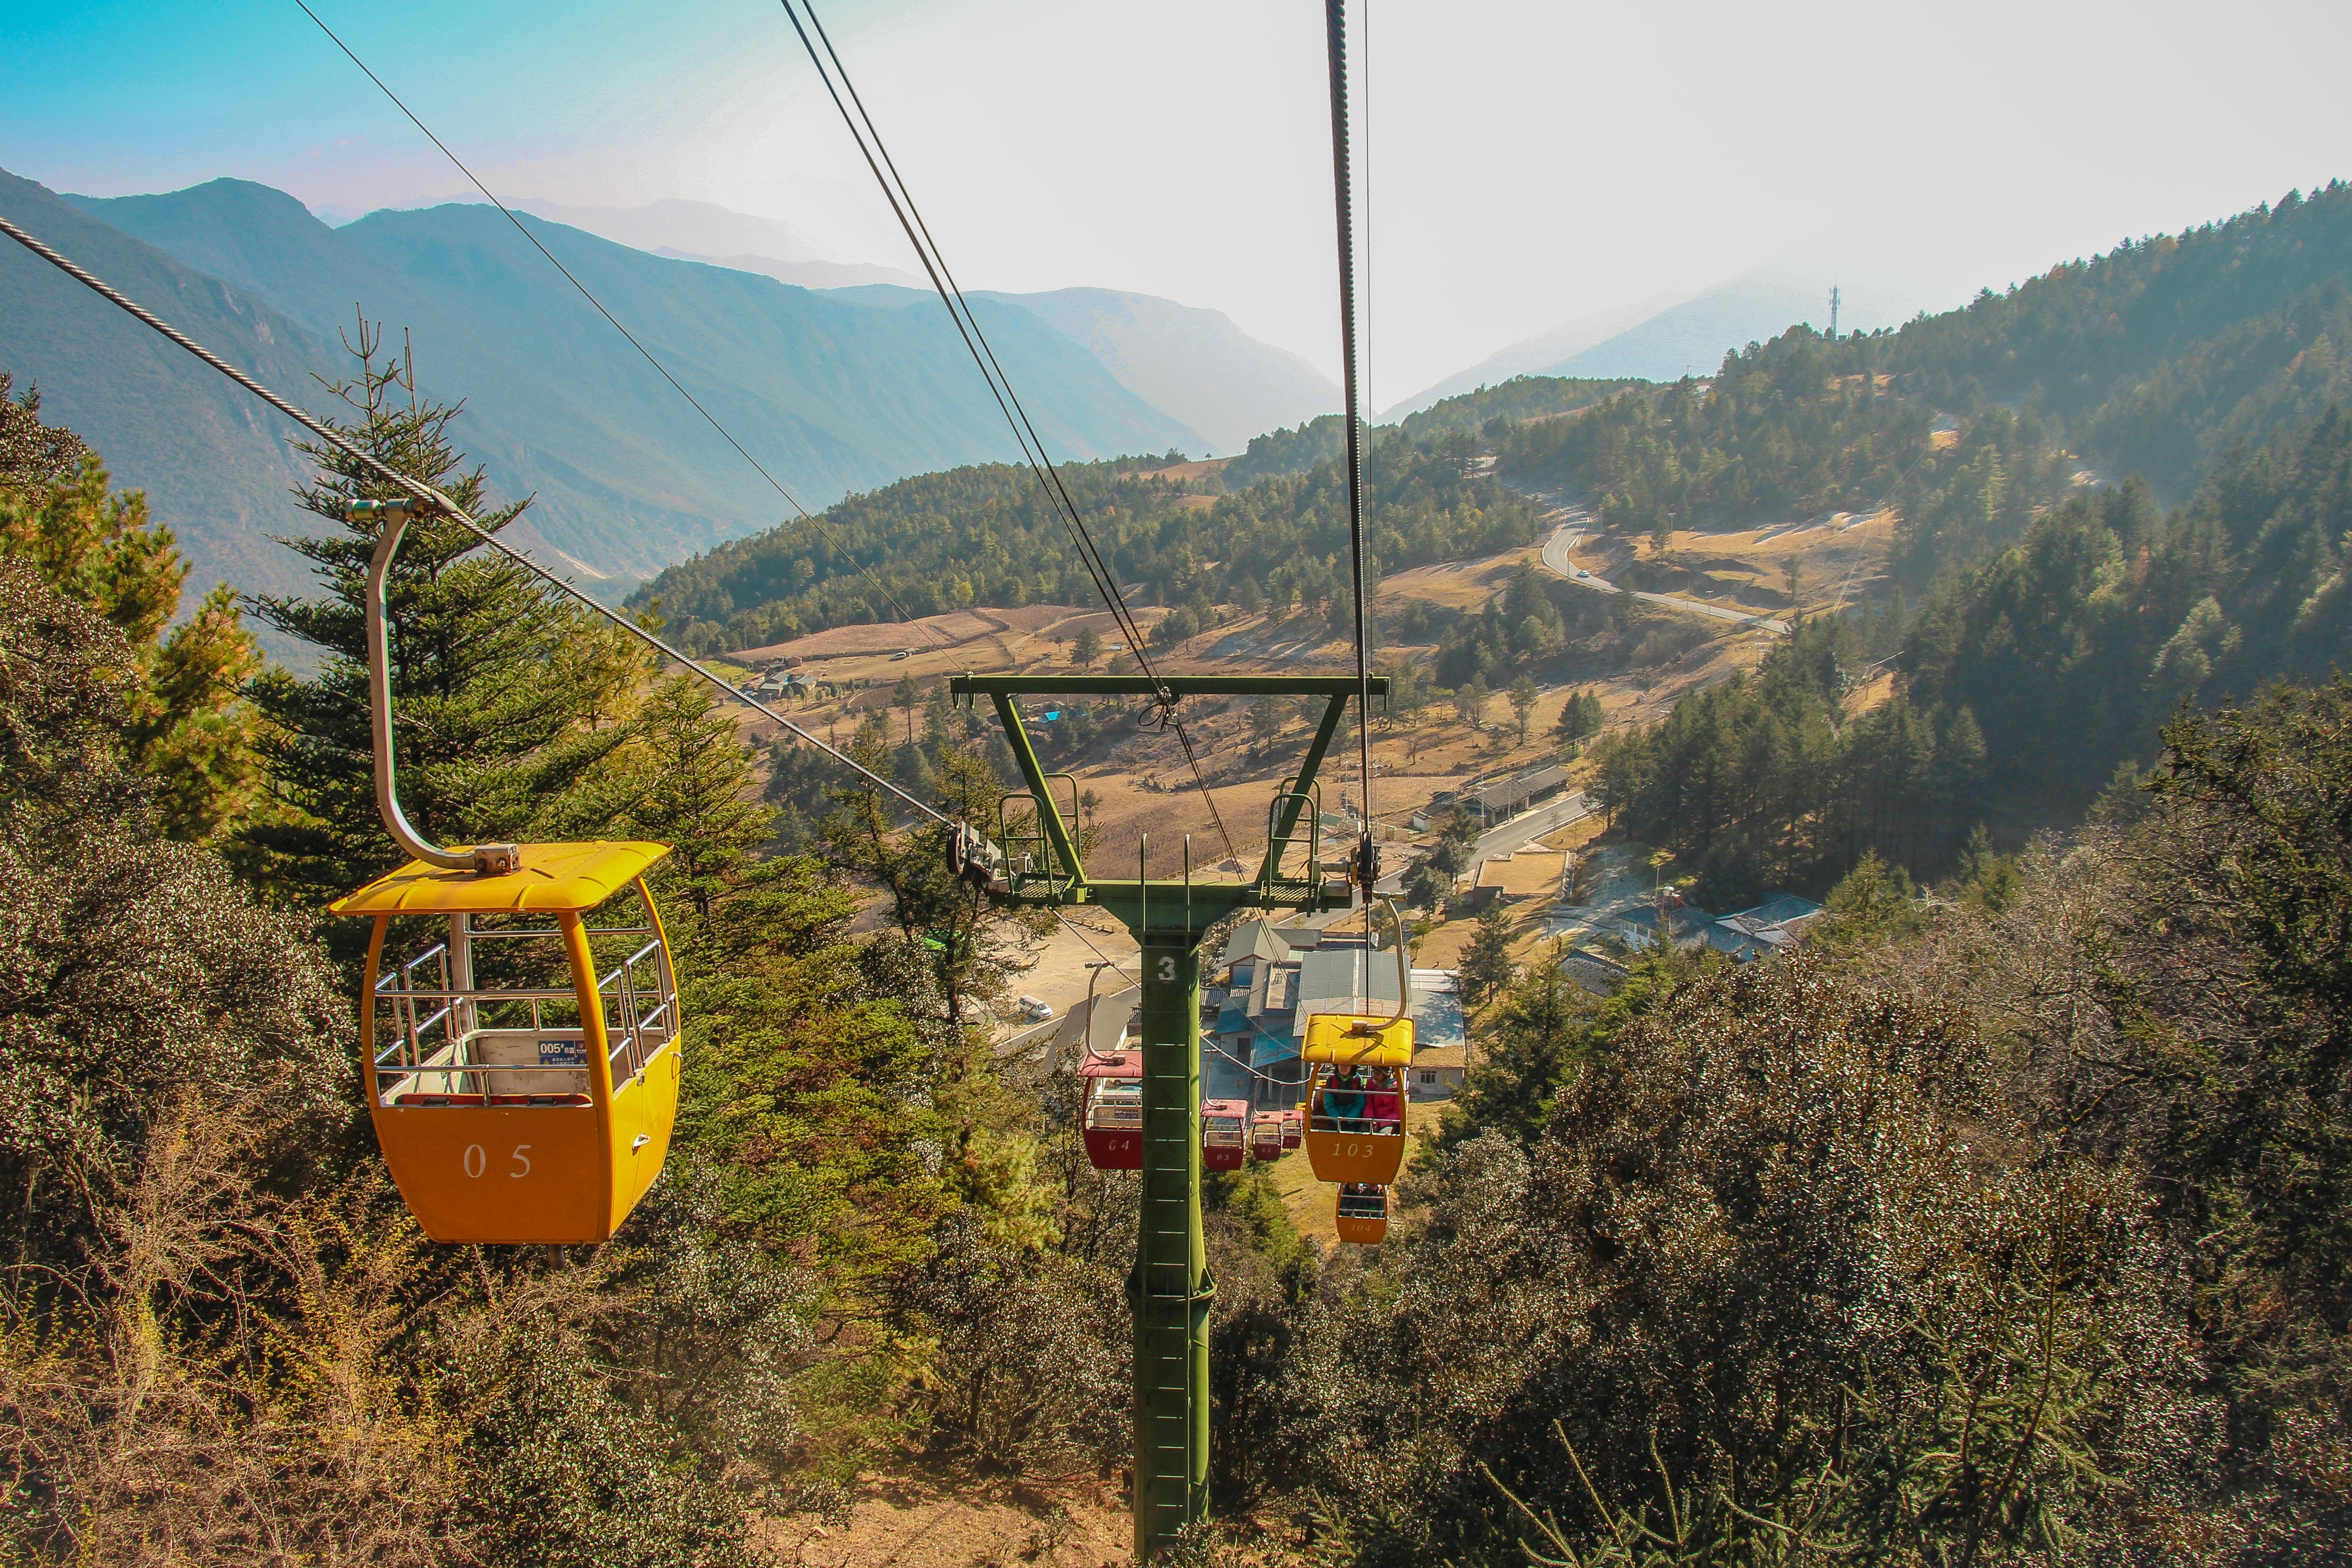 Yunan Cable Car